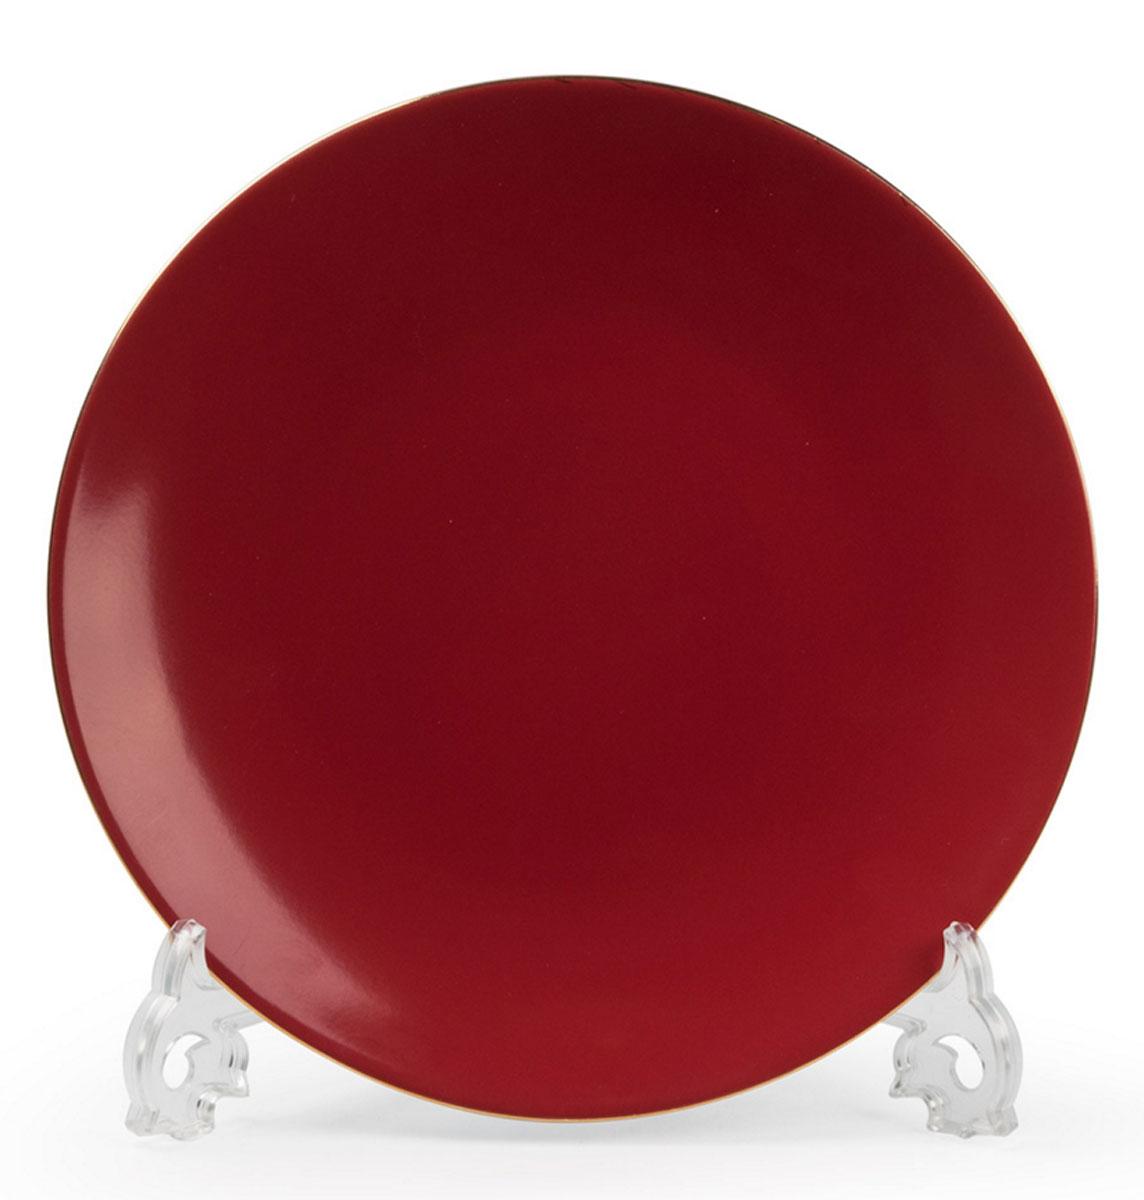 Набор тарелок La Rose des Sables Monalisa 3125, цвет: красный, диаметр 27 см, 6 шт7290063125Элегантная посуда класса люкс теперь на вашем столе каждый день.Выполненные из высококачественного материала с использованием новейших технологий, тарелки La Rose Des Sables Monalisa 3125 невероятно прочны и прекрасно подходят для повседневного использования.Классическая форма и чистота линий делает их желанными гостями на любом обеде. Уникальная плотность и тонкость фарфора достигается за счет изготовления его из уникальной глины региона Лимож (Франция).Посуда устойчива к сколам и трещинам благодаря двойному термическому обжигу. Диаметр: 27 см.